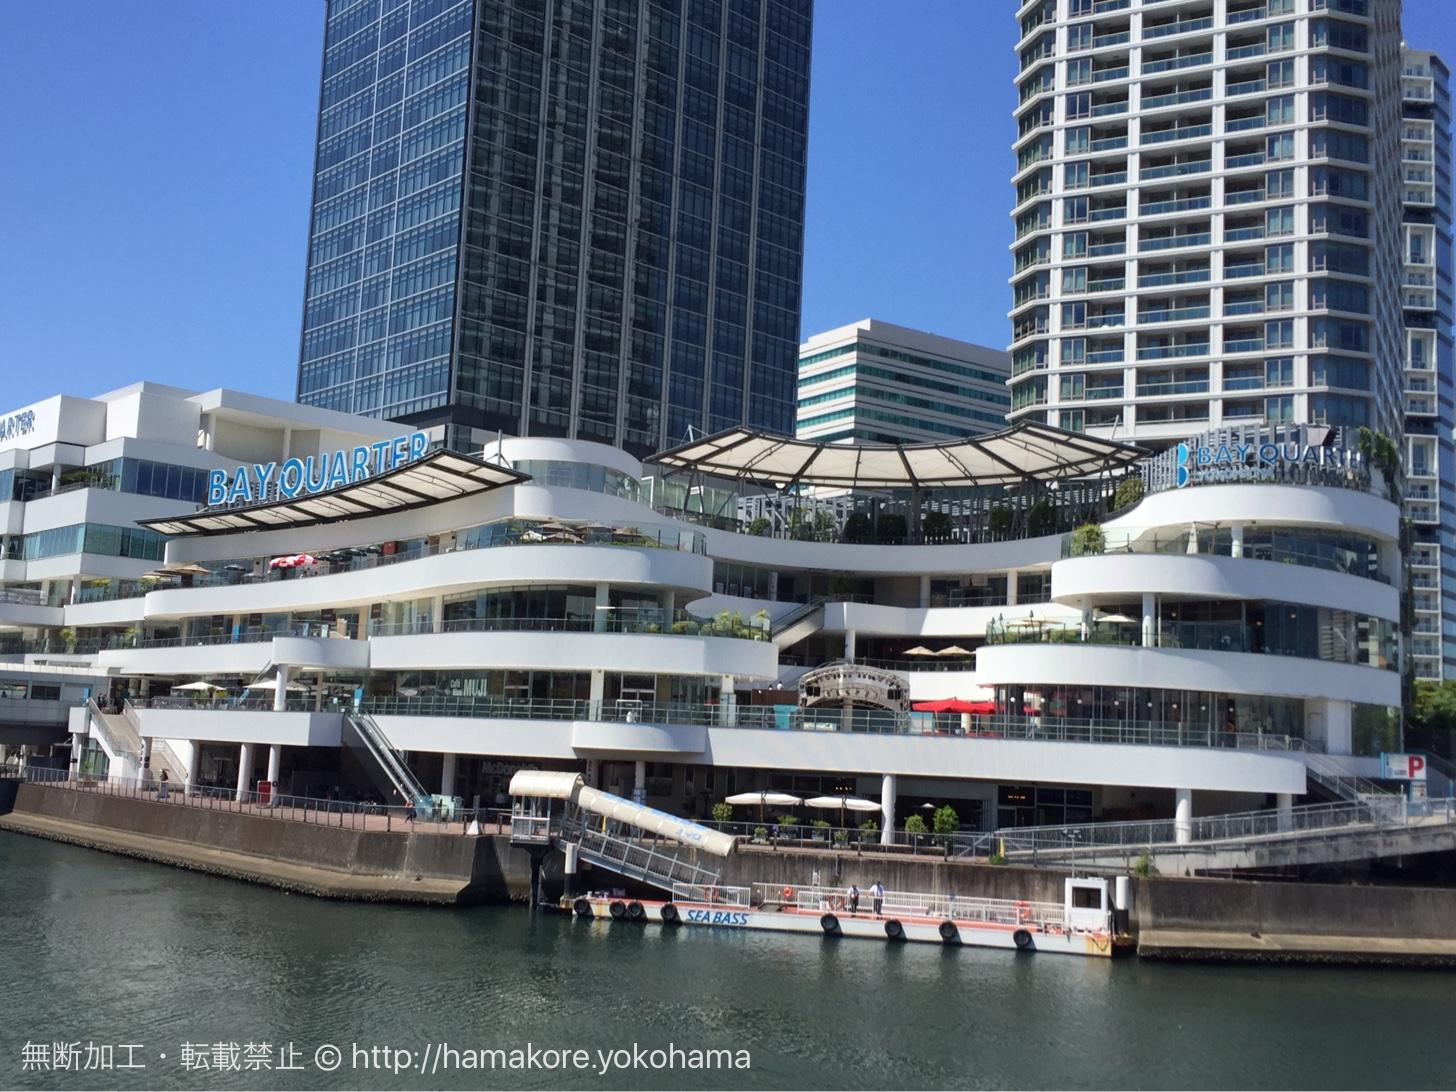 横浜ベイクォーターにデリフランスが日本初の新スタイルで3月16日オープン!